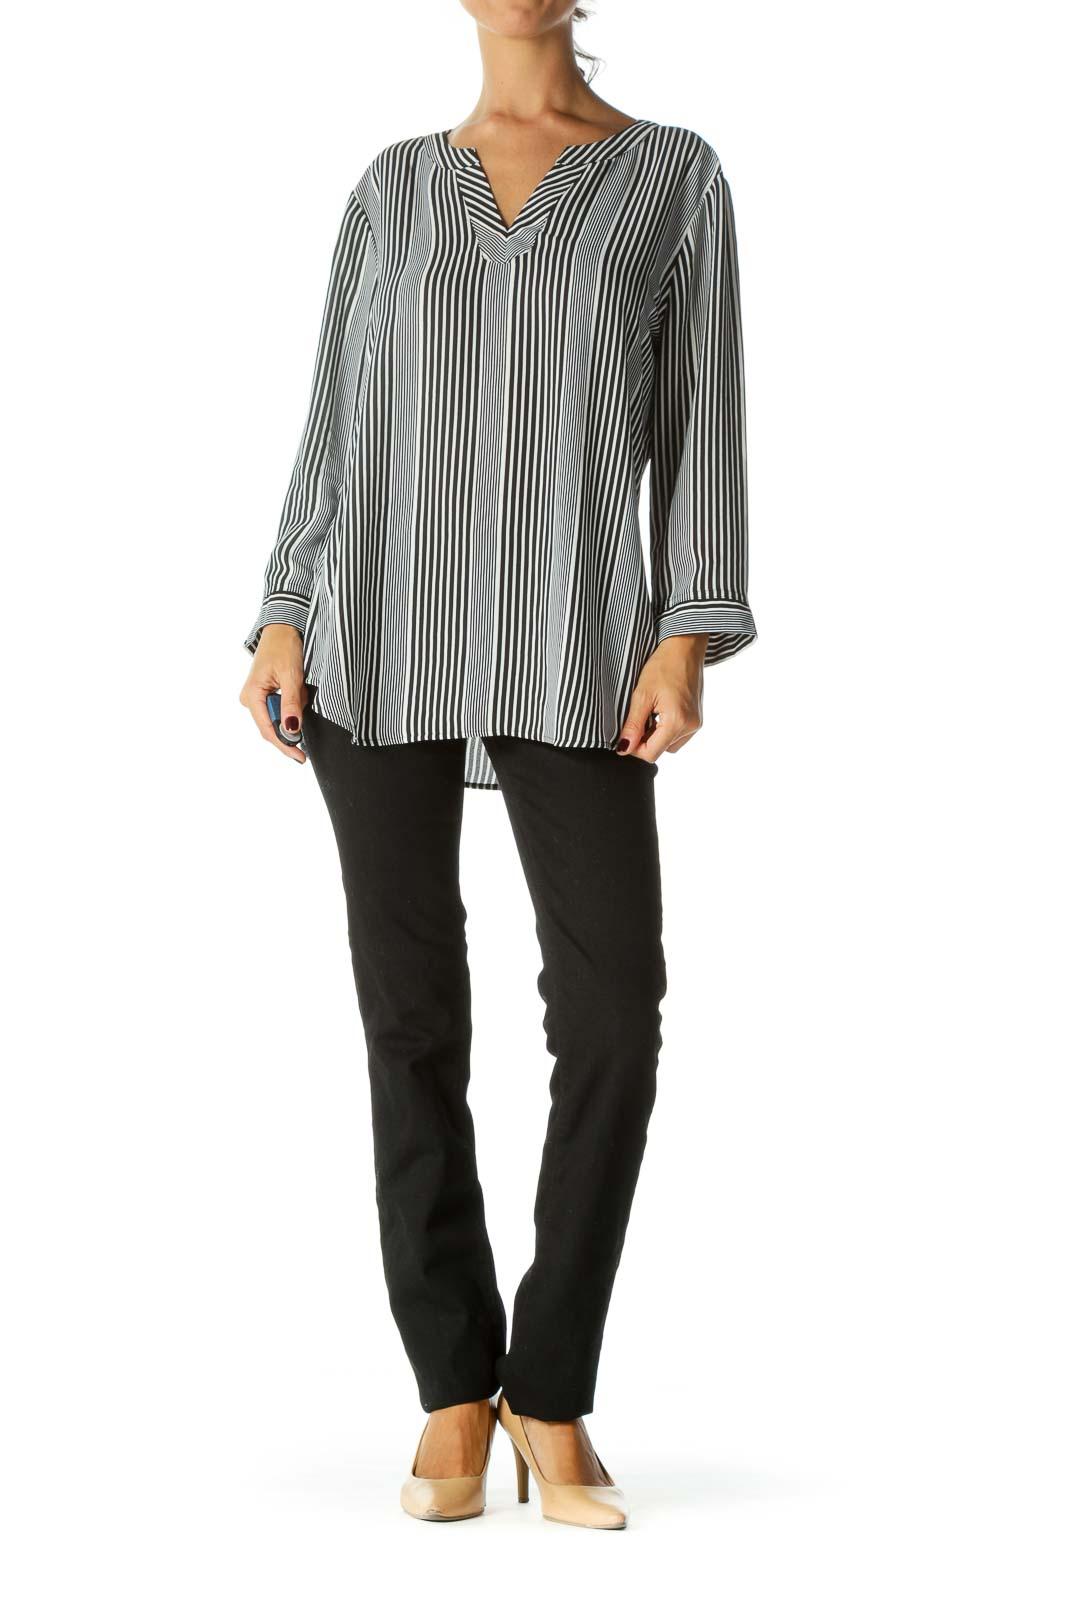 Black & White Varying-Width Striped V-Neck Blouse